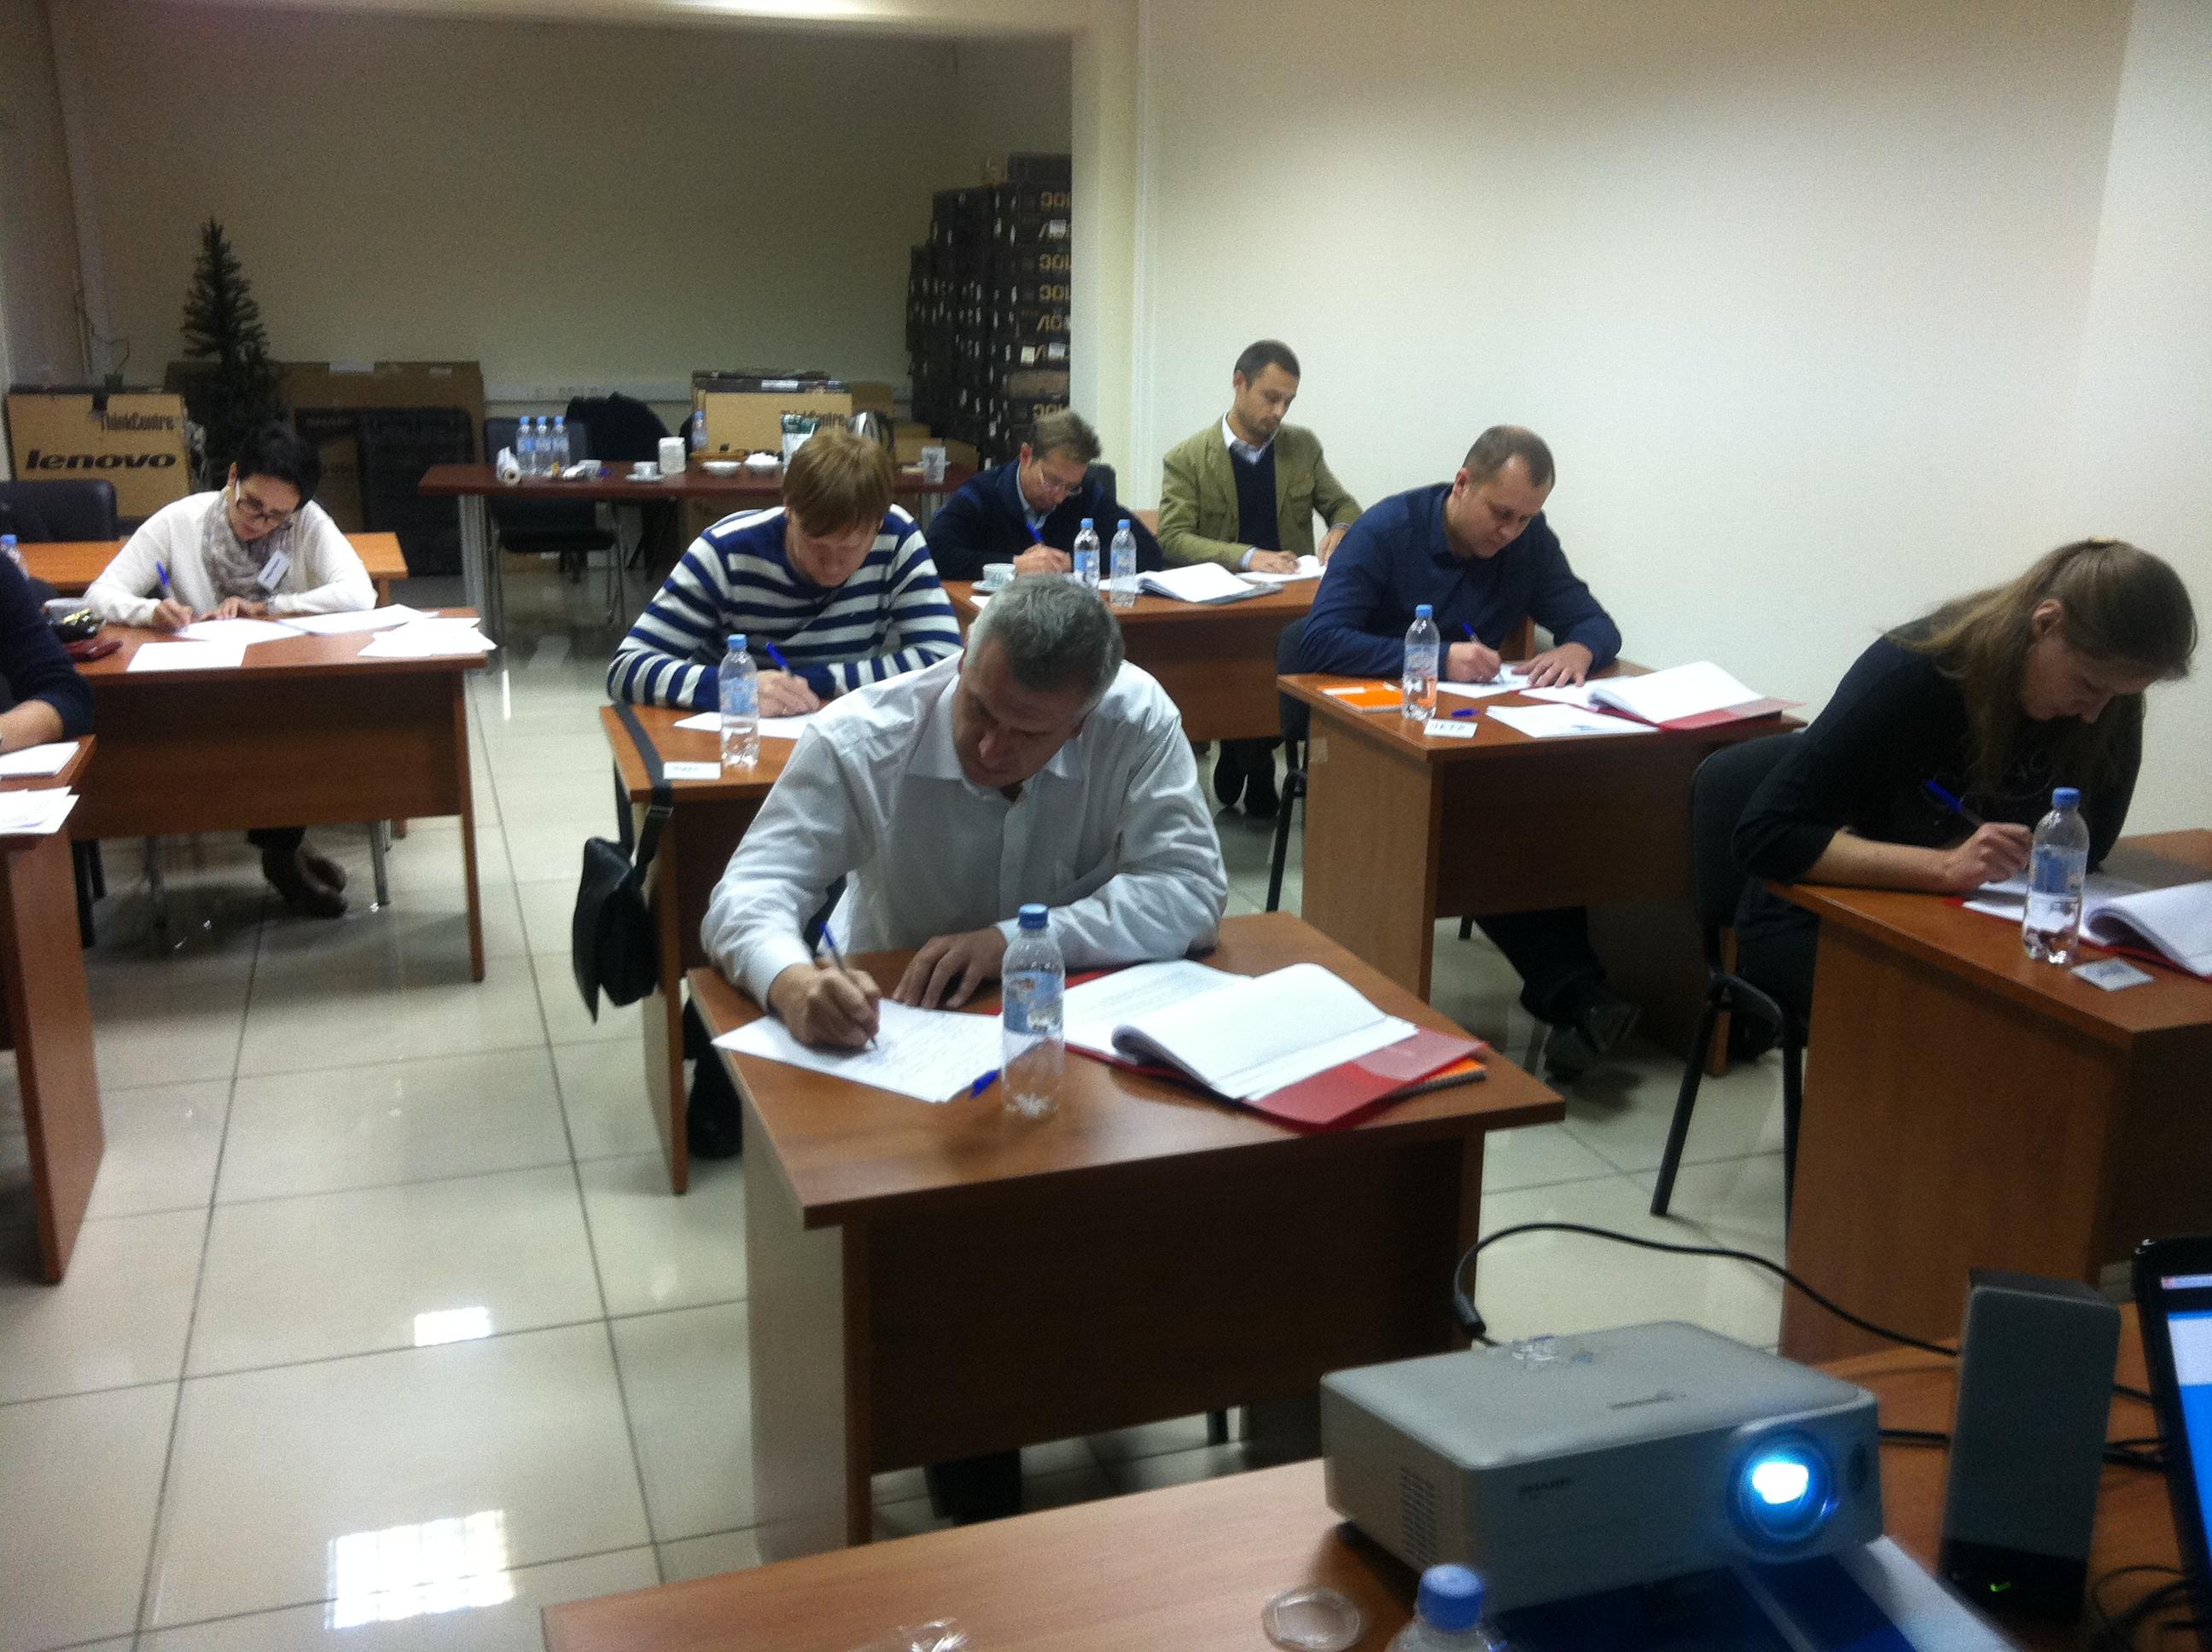 Аквариус тренинг руководителей Самостоятельная работа